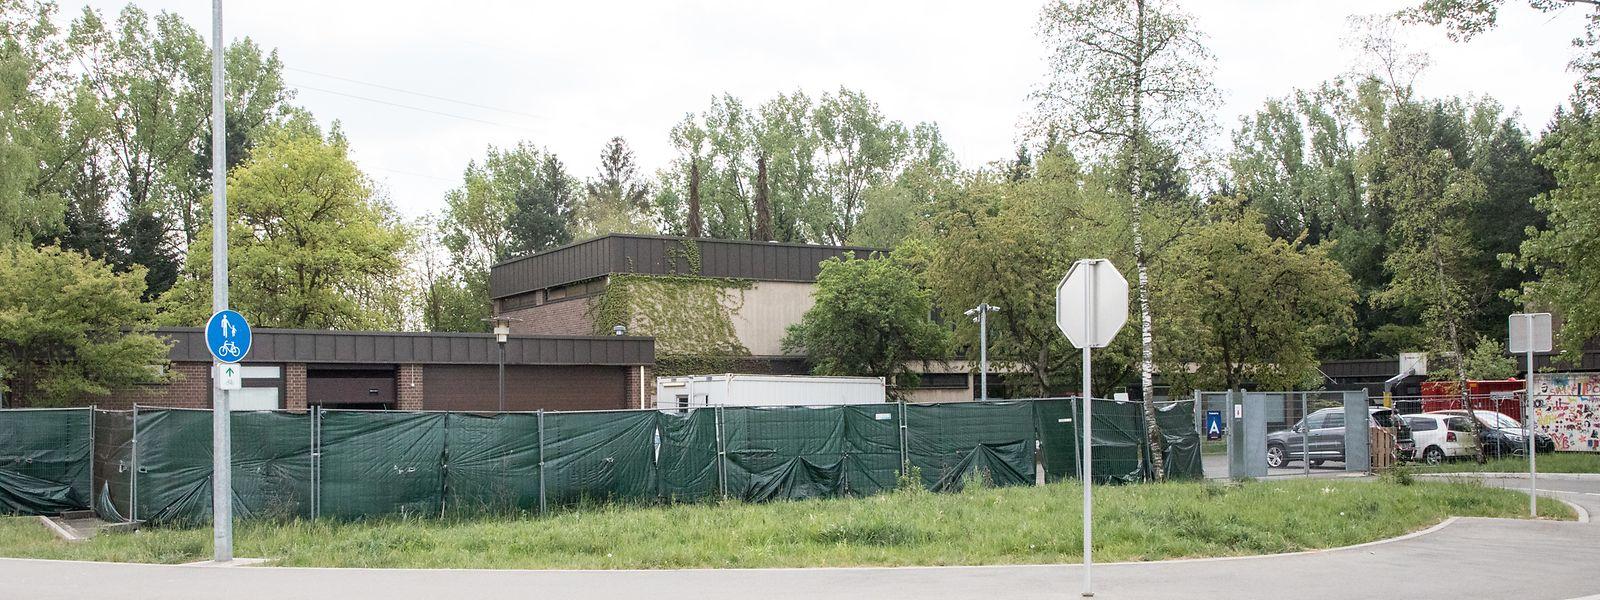 Die frühere Schule der Education différenciée wurde von der Außenwelt abgeschirmt. Dort wohnen seit einigen Wochen Flüchtlinge mit Covid-19-Erkrankung.